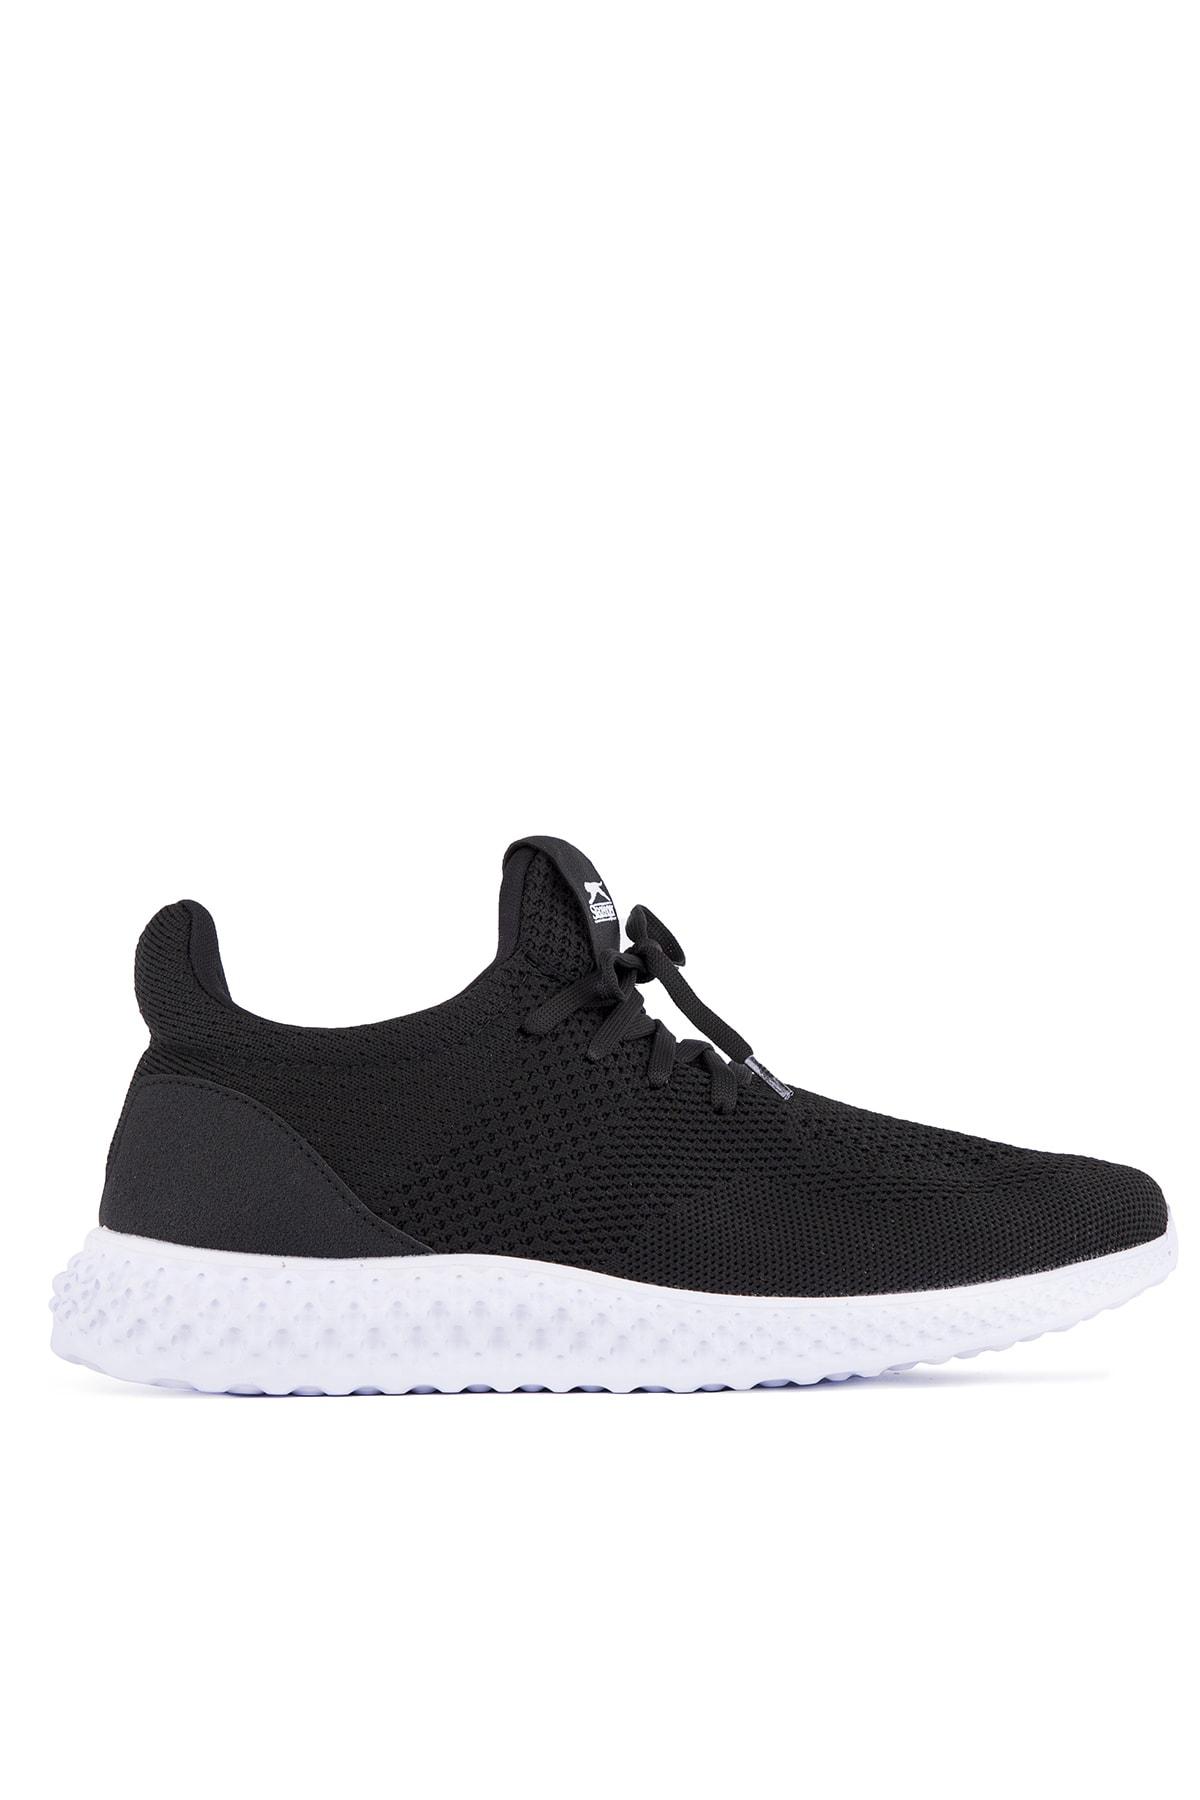 کفش مخصوص دویدن مردانه شیک مجلسی برند اسلازنگر رنگ مشکی کد ty40746329